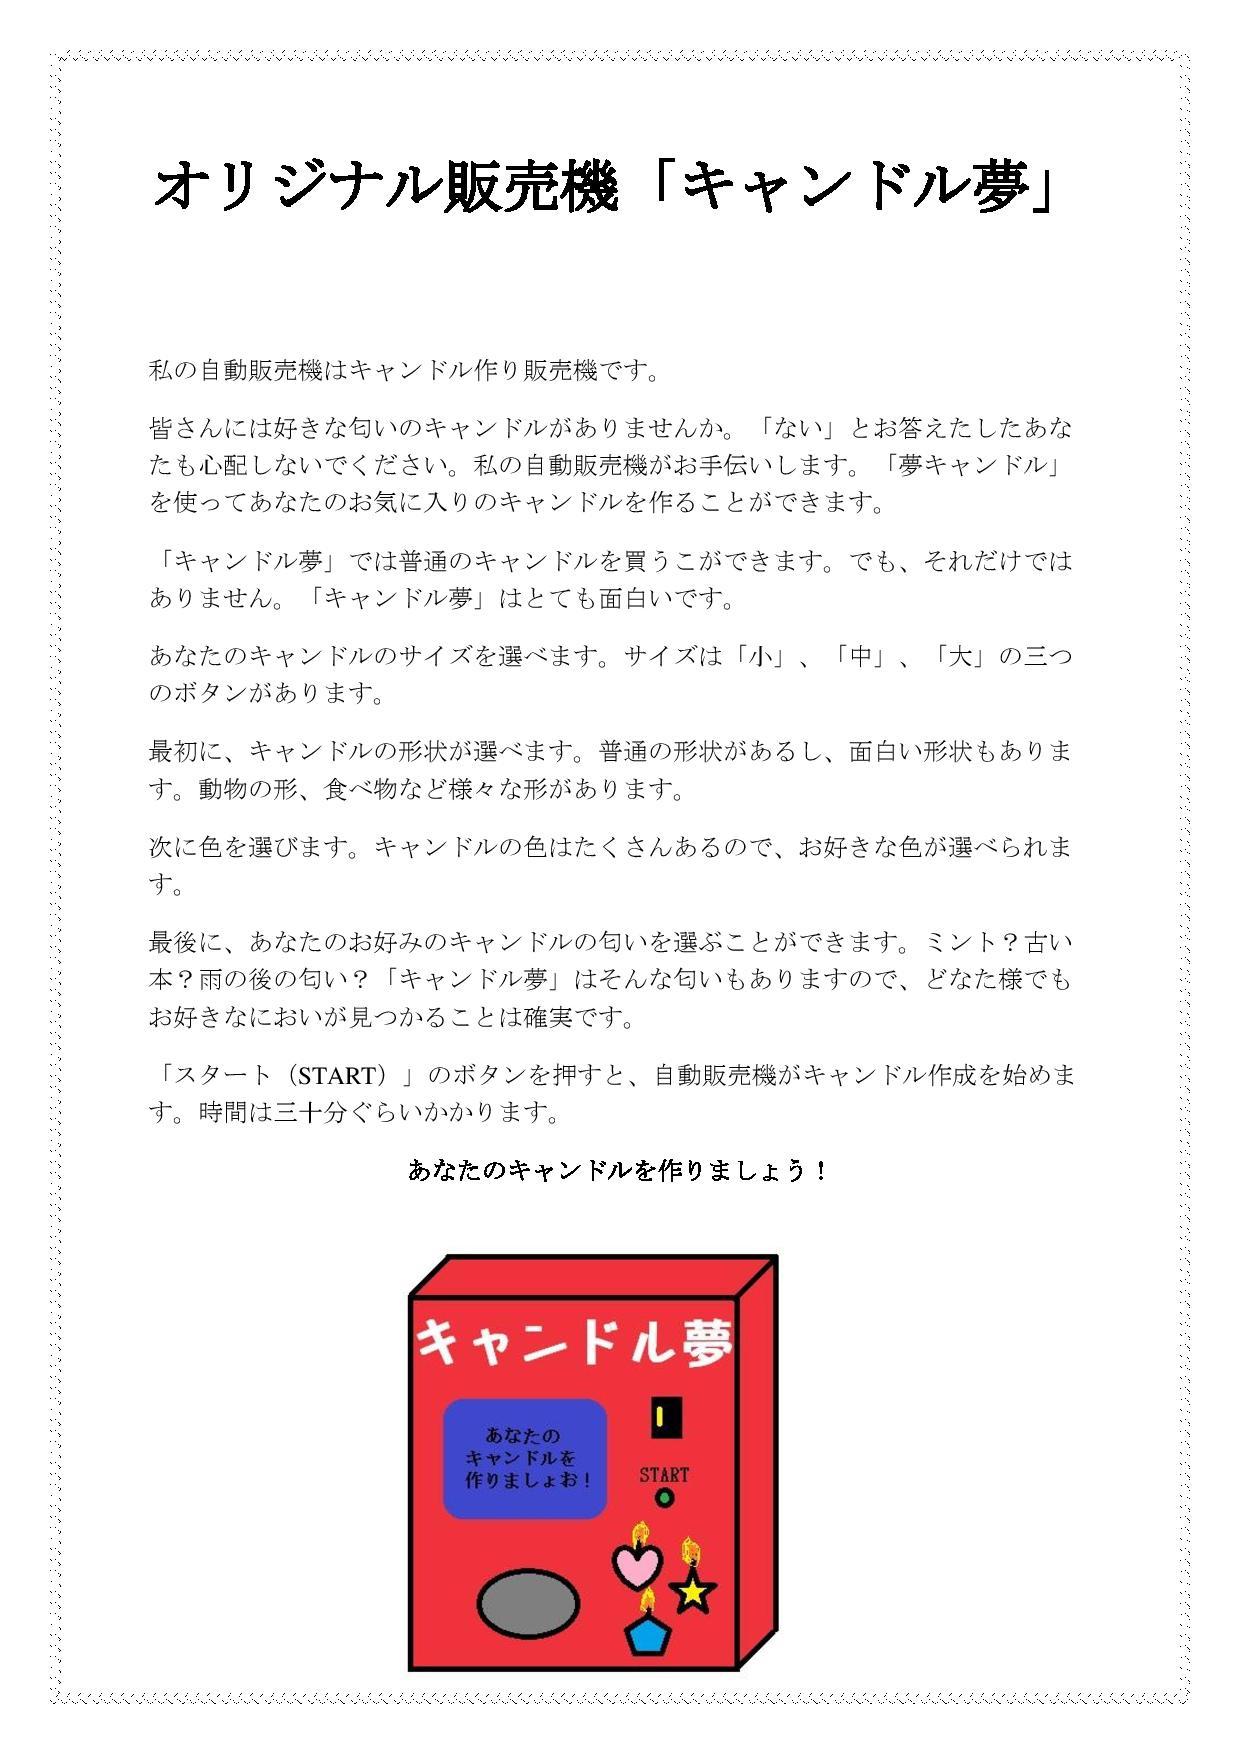 キャンドル夢-page-001